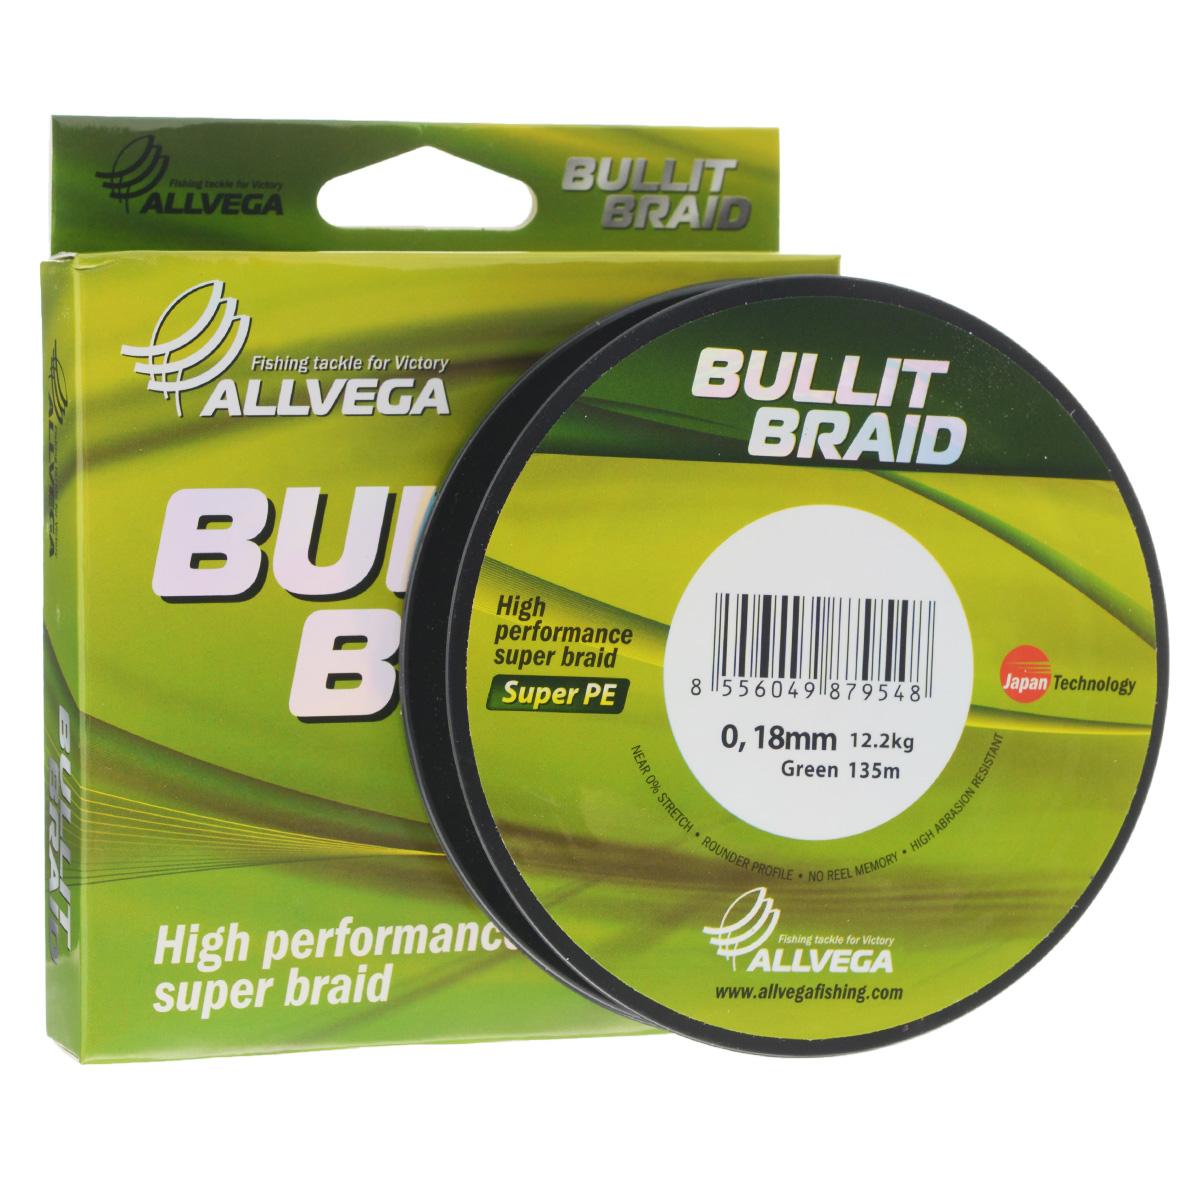 Леска плетеная Allvega Bullit Braid, цвет: темно-зеленый, 135 м, 0,18 мм, 12,2 кг21443Леска Allvega Bullit Braid с гладкой поверхностью и одинаковым сечением по всей длине обладает высокой износостойкостью. Благодаря микроволокнам полиэтилена (Super PE) леска имеет очень плотное плетение и не впитывает воду. Леску Allvega Bullit Braid можно применять в любых типах водоемов. Особенности: повышенная износостойкость; высокая чувствительность - коэффициент растяжения близок к нулю; отсутствует память; идеально гладкая поверхность позволяет увеличить дальность забросов; высокая прочность шнура на узлах.